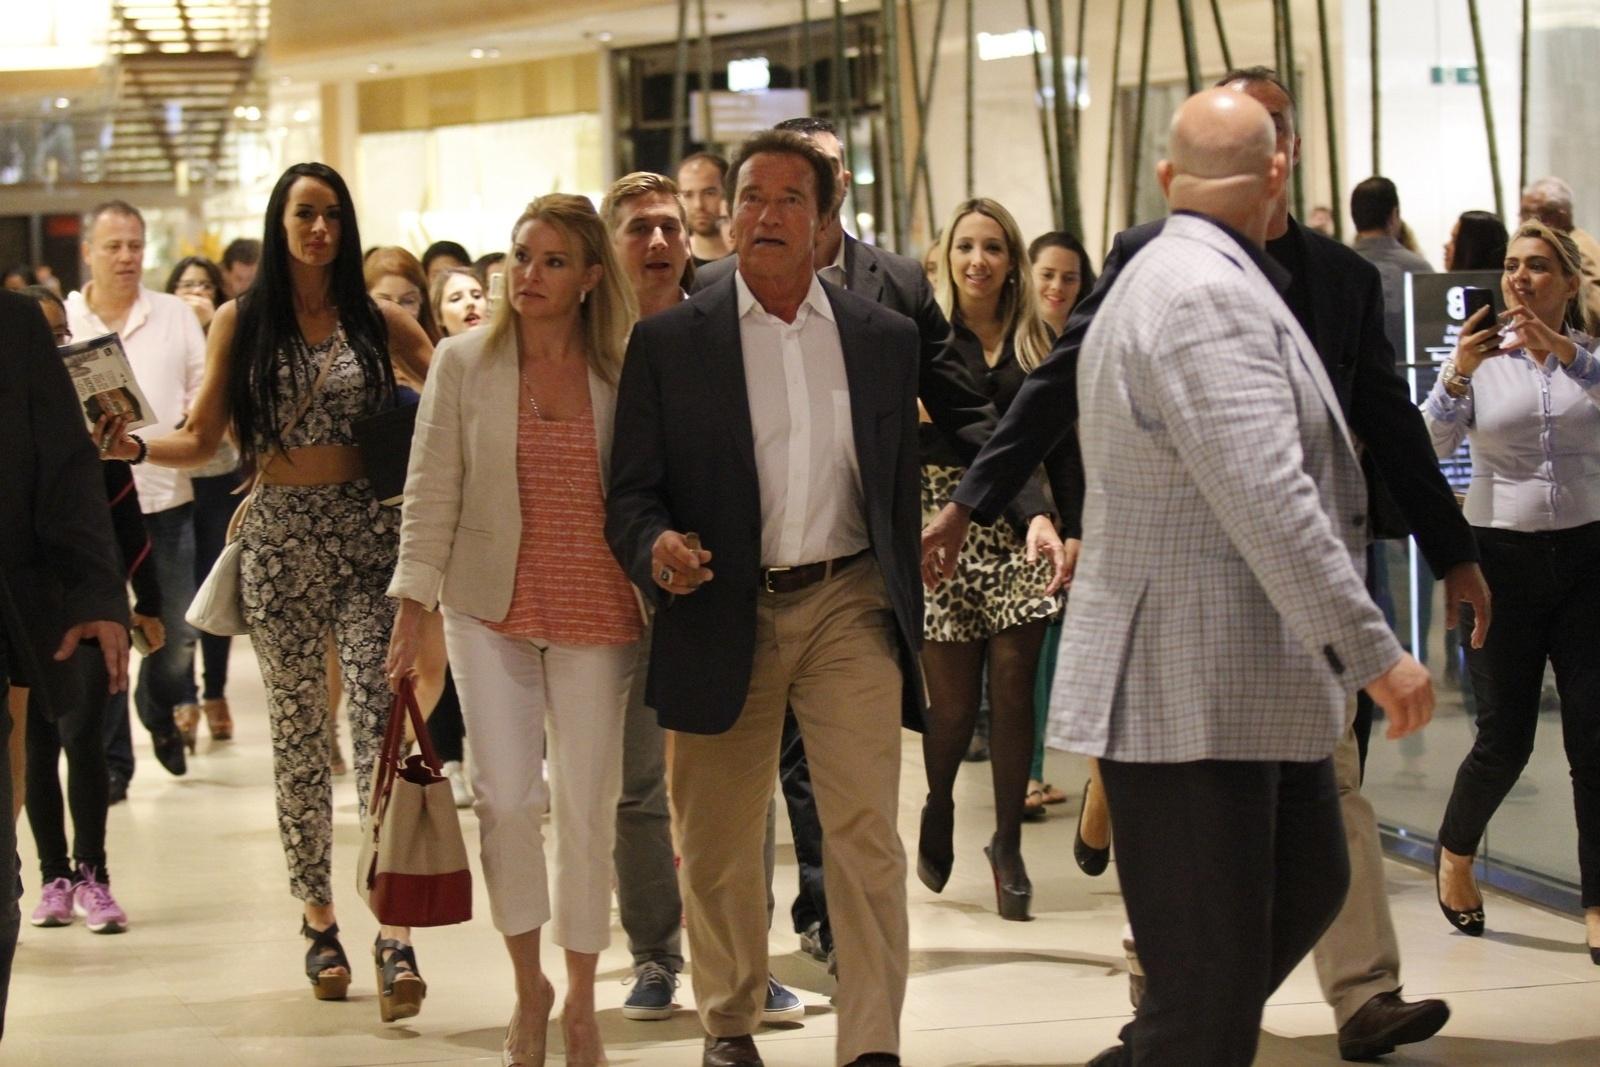 29.mai.2015 - Arnold Schwarzenegger é seguido por uma multidão de fãs em um shopping na Barra da Tijuca, zona oeste do Rio de Janeiro, nesta sexta-feira. De passagem pelo Brasil, ele participou de um evento fitness